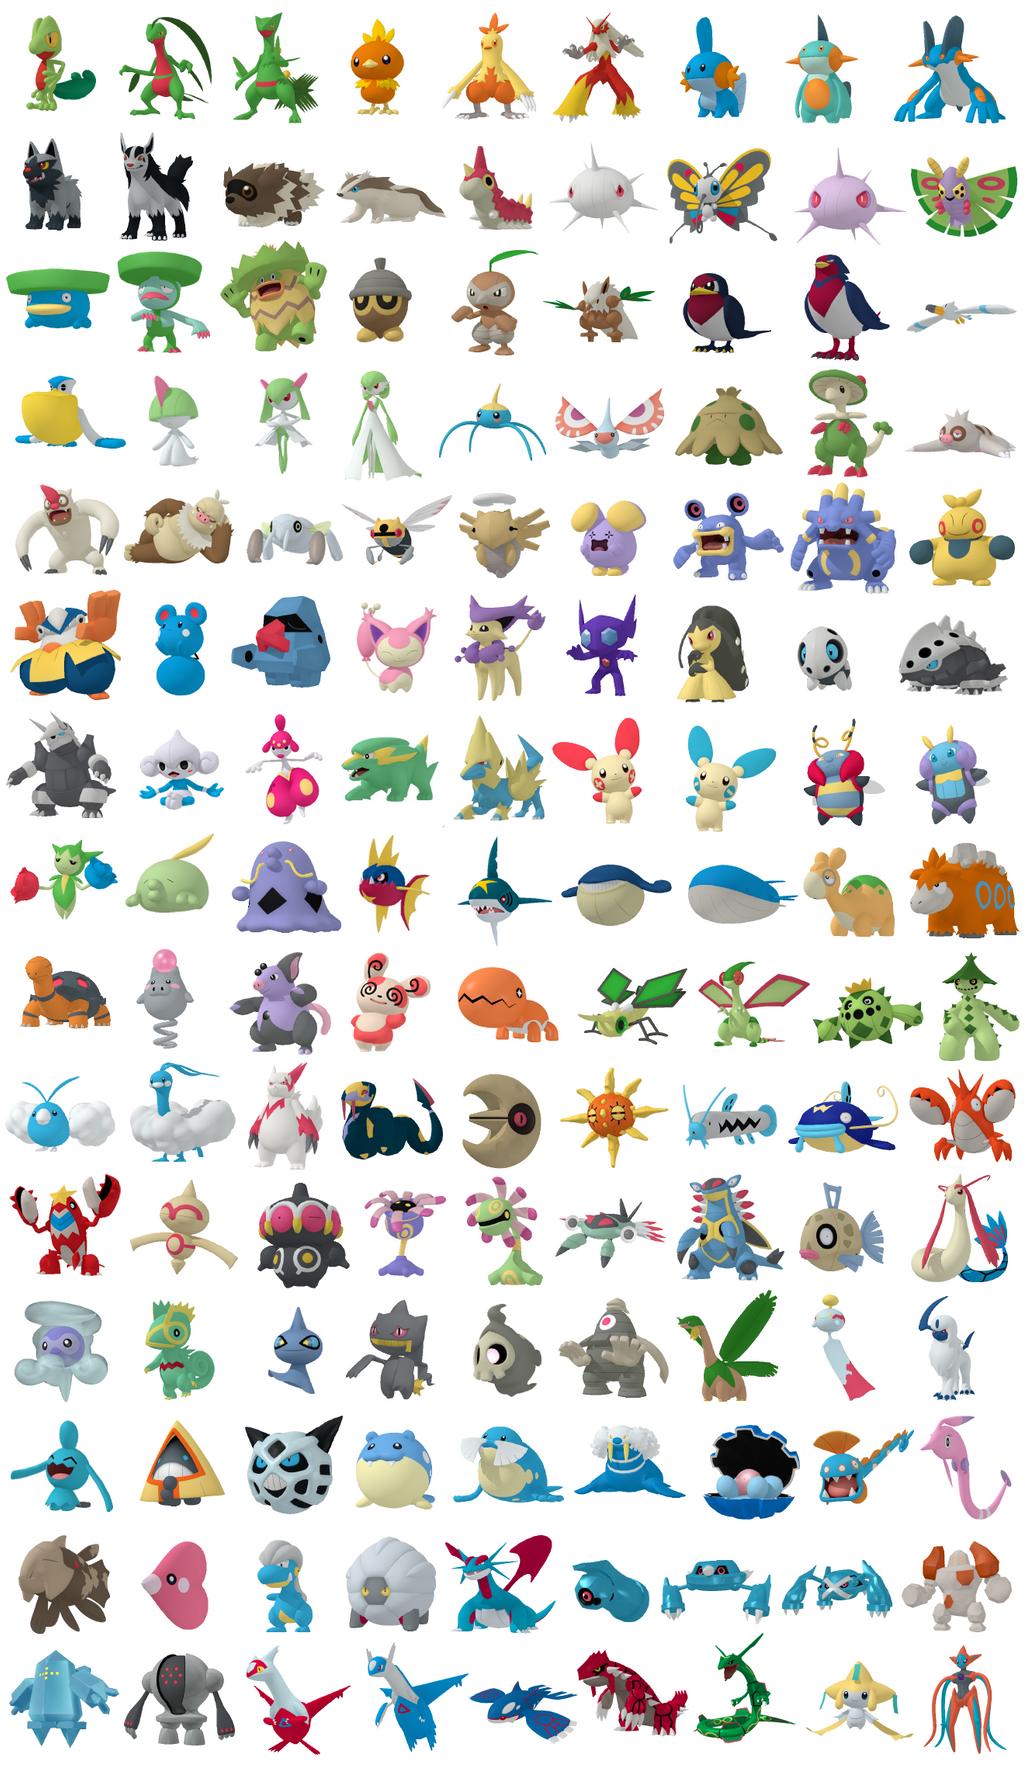 Pokemon 3d Pro Dex Hoenn By Krocf4 On Deviantart